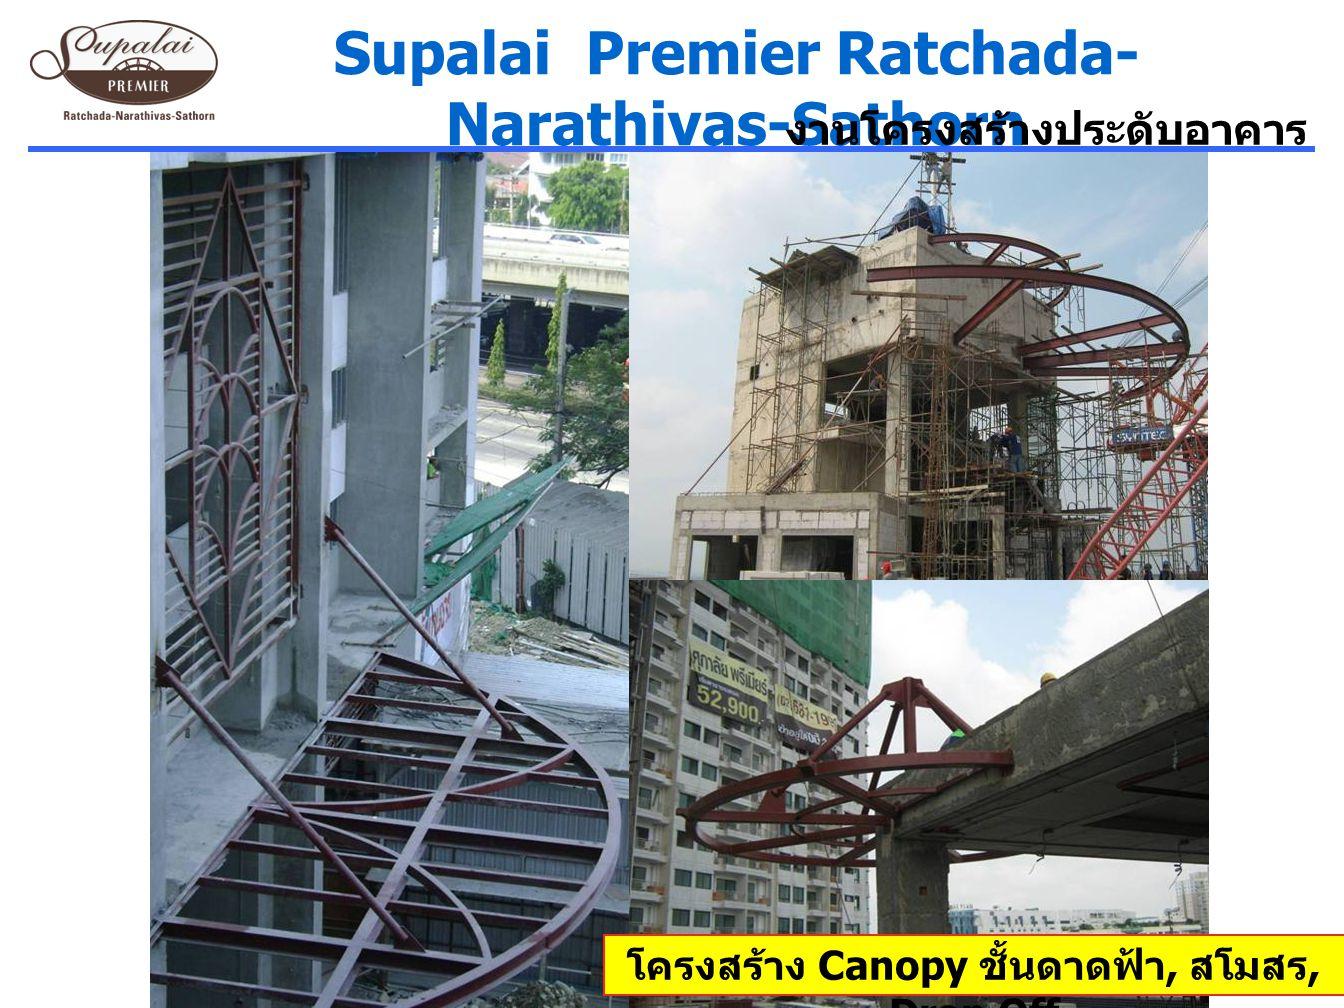 Supalai Premier Ratchada- Narathivas-Sathorn งานโครงสร้างประดับอาคาร โครงสร้าง Canopy ชั้นดาดฟ้า, สโมสร, Drop Off